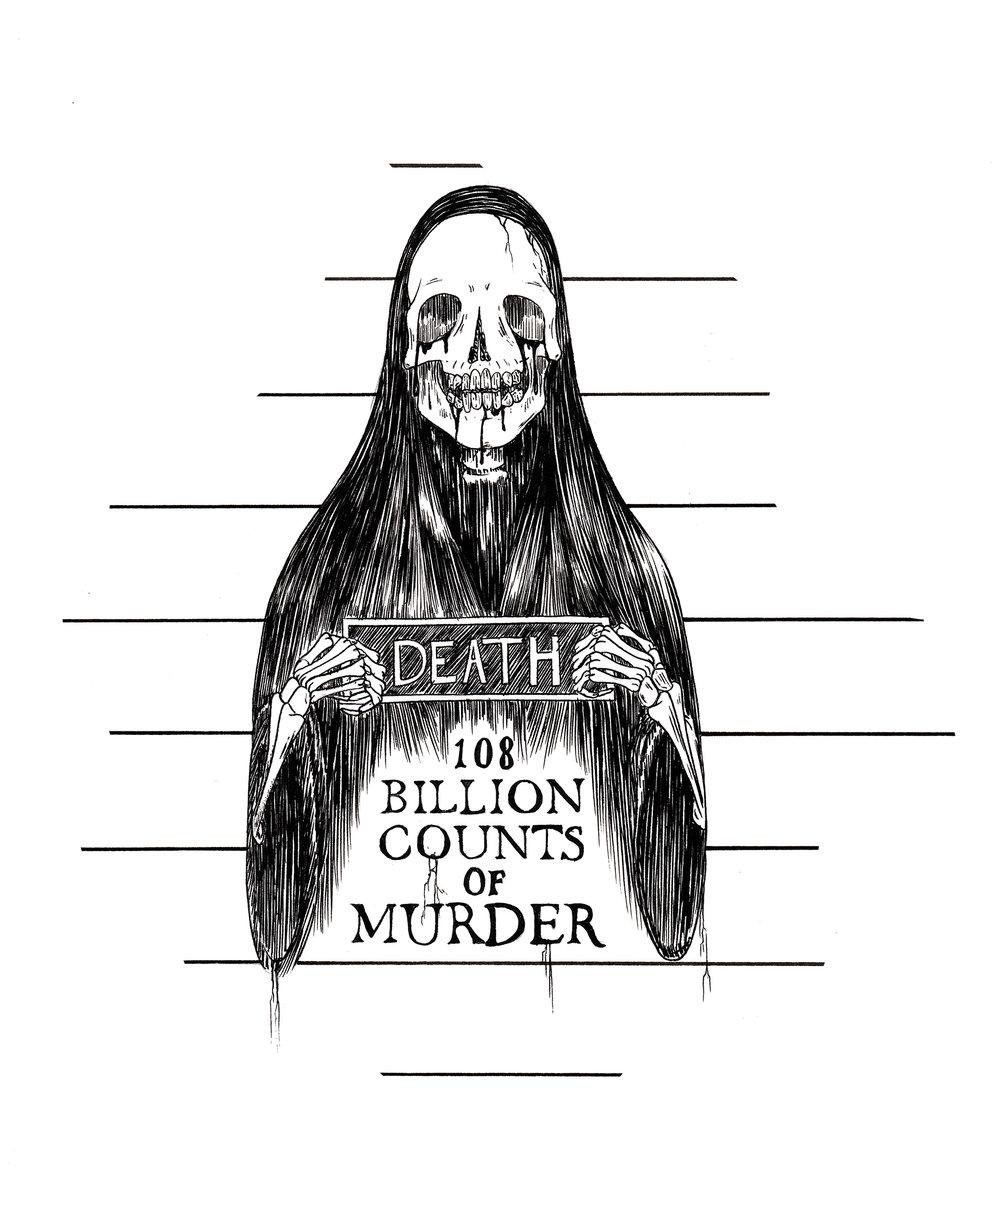 ME_deathsentence.jpg